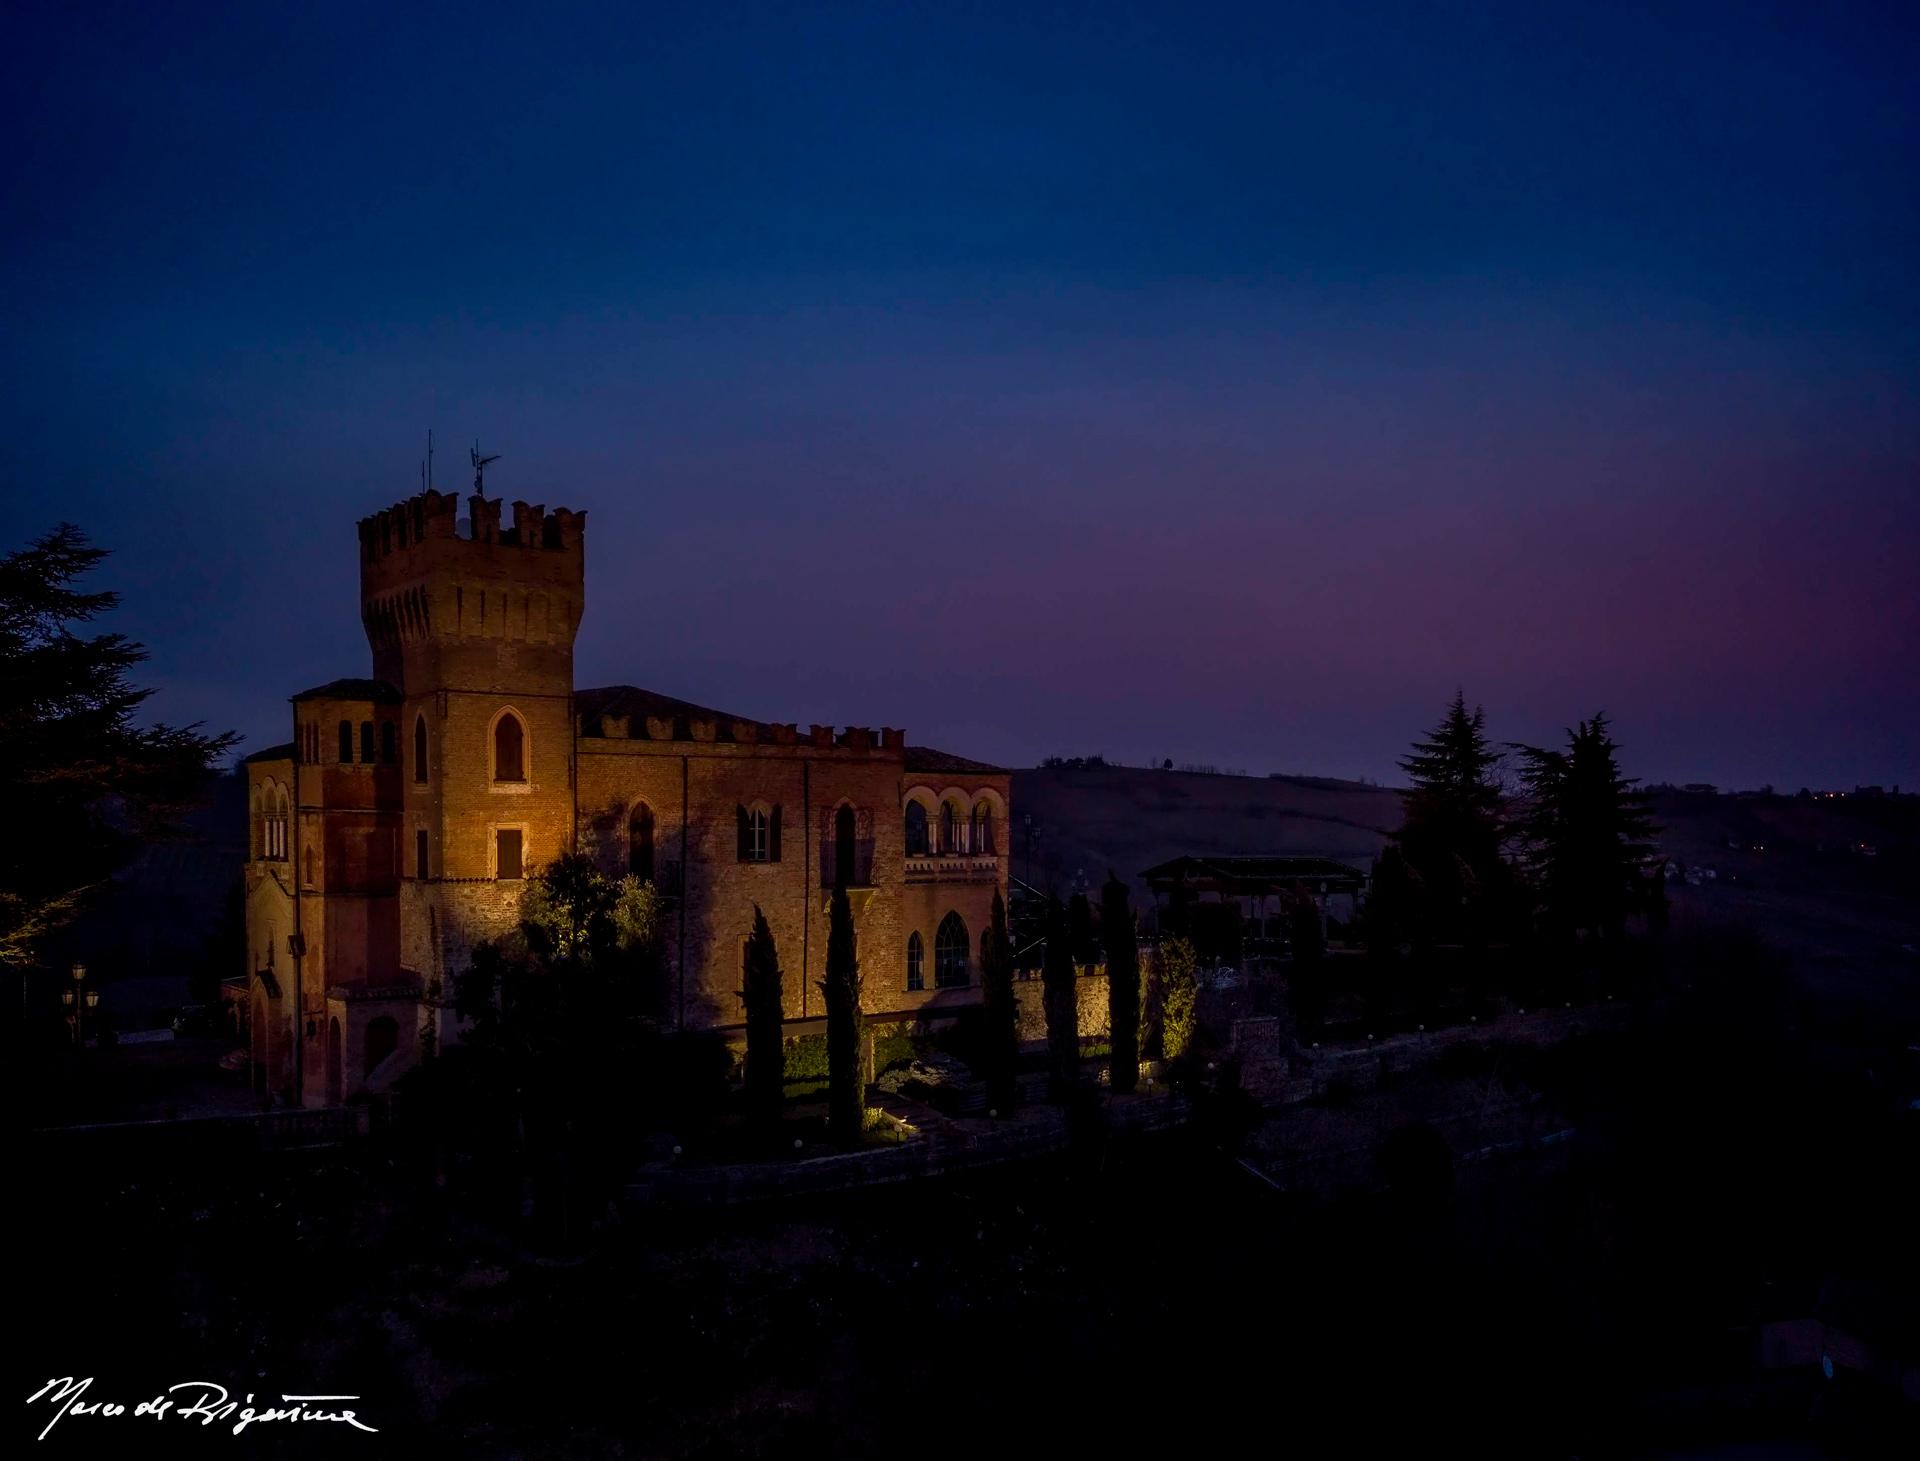 esperienza drone immagine portfolio turismo promozione territorio italia antiche residenze castelli alberghi hotel castello_osama_lorini.jpg